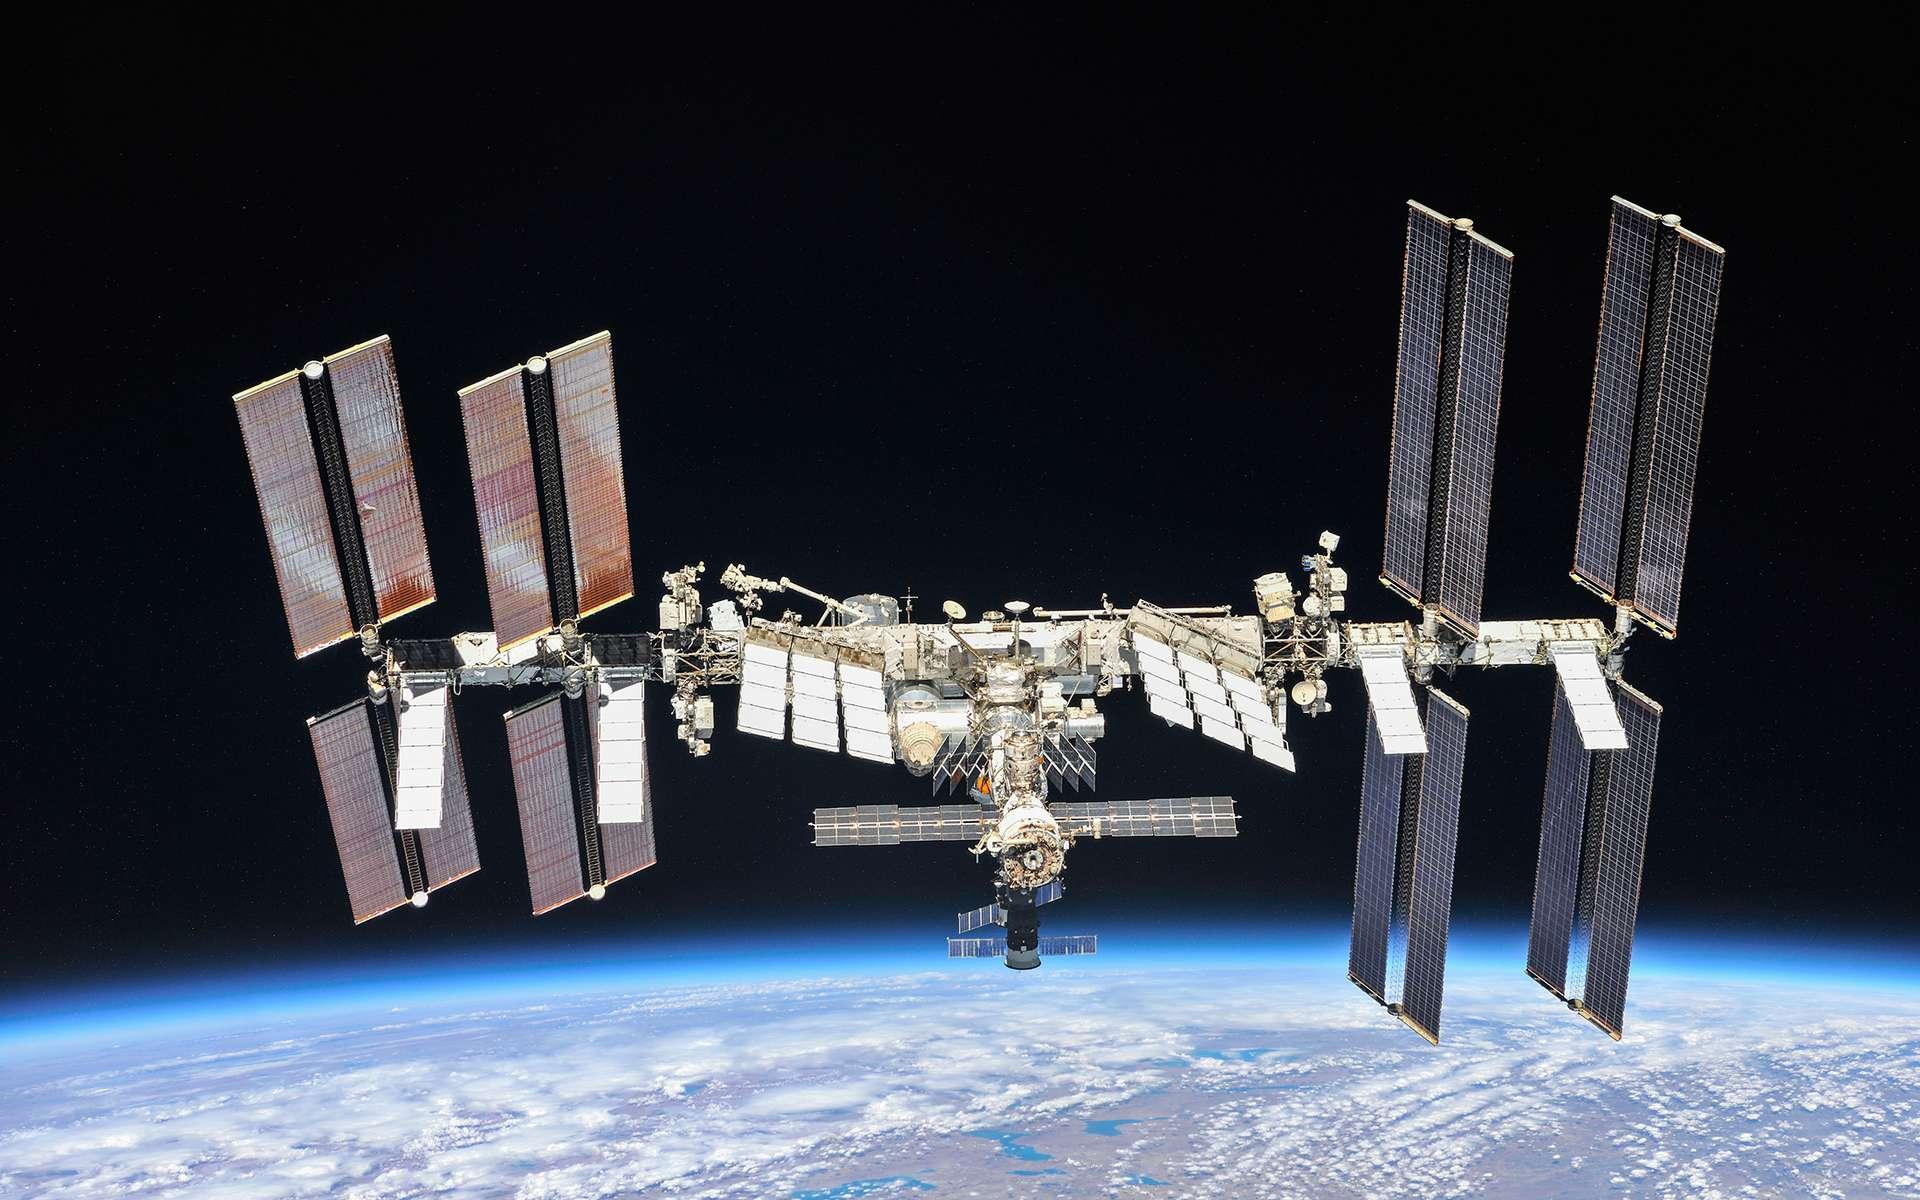 La Station spatiale internationale (ISS) dans sa configuration actuelle. Cette photo a été acquise en octobre 2018 par l'équipage d'Expedition 56, après son départ du complexe orbital pour retourner sur Terre. © Nasa